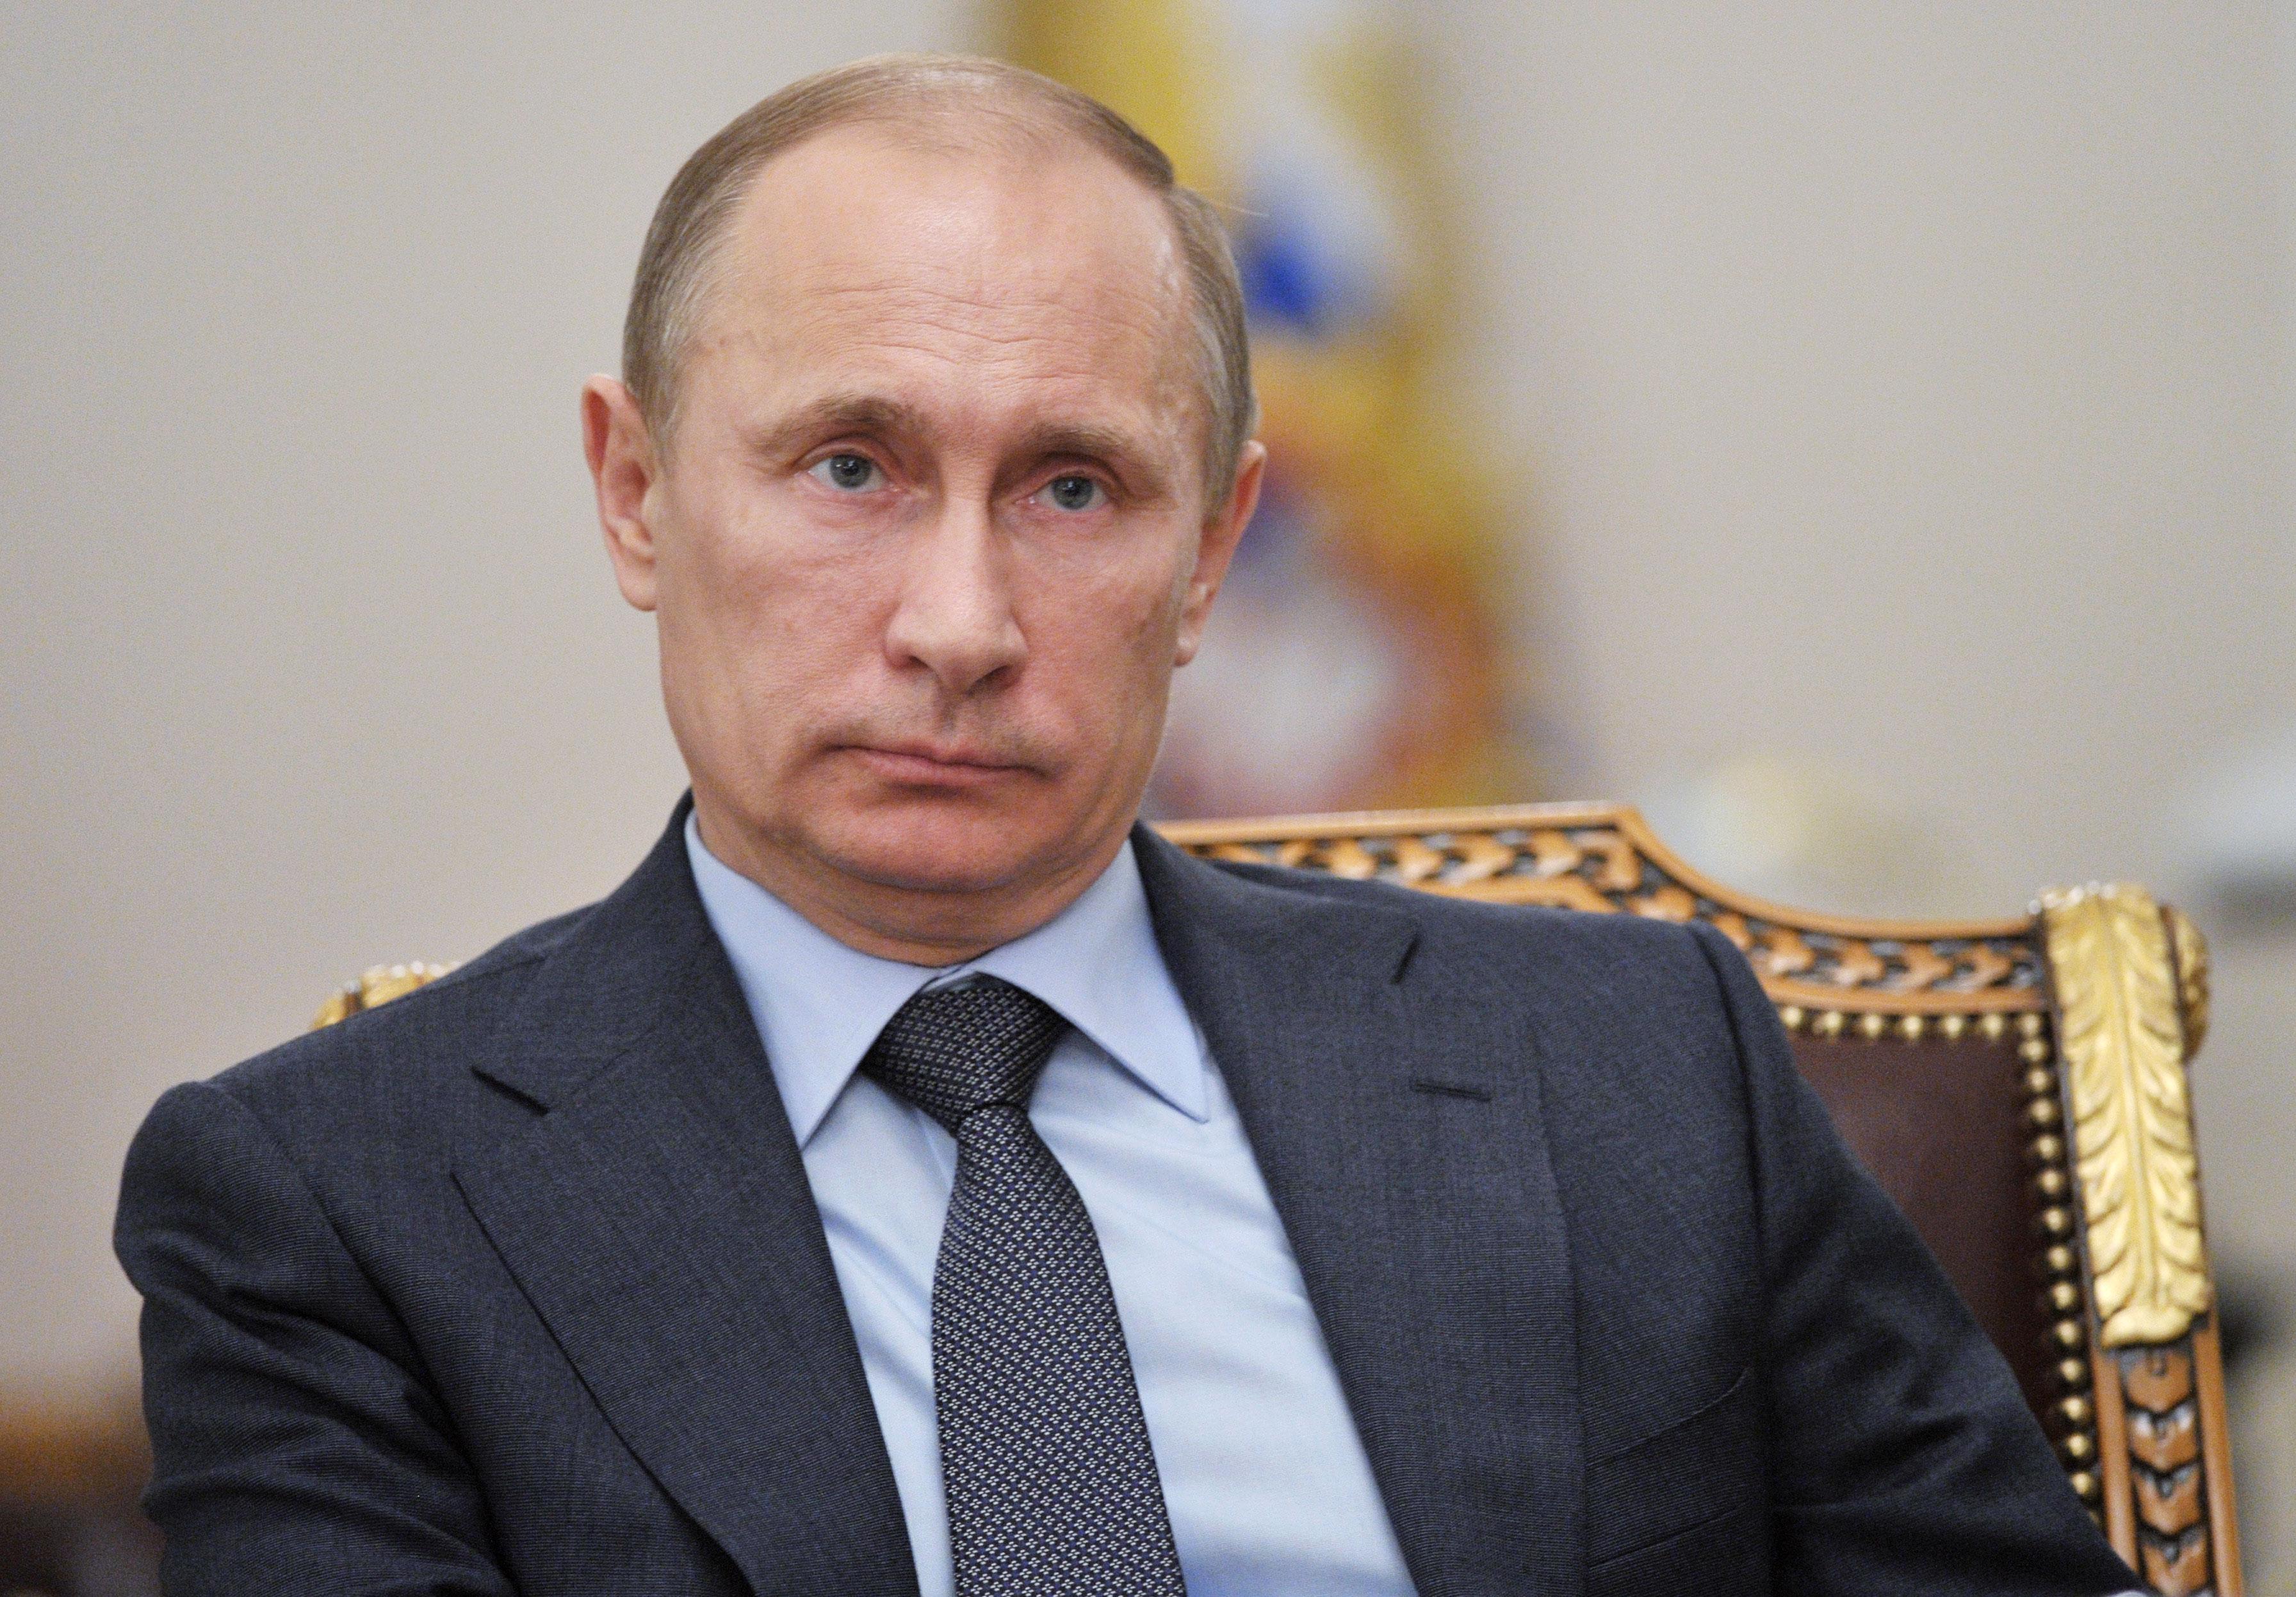 Putin'den Dağlık Karabağ'a ilişkin olay Türkiye sözleri: Kaygı duymuyoruz